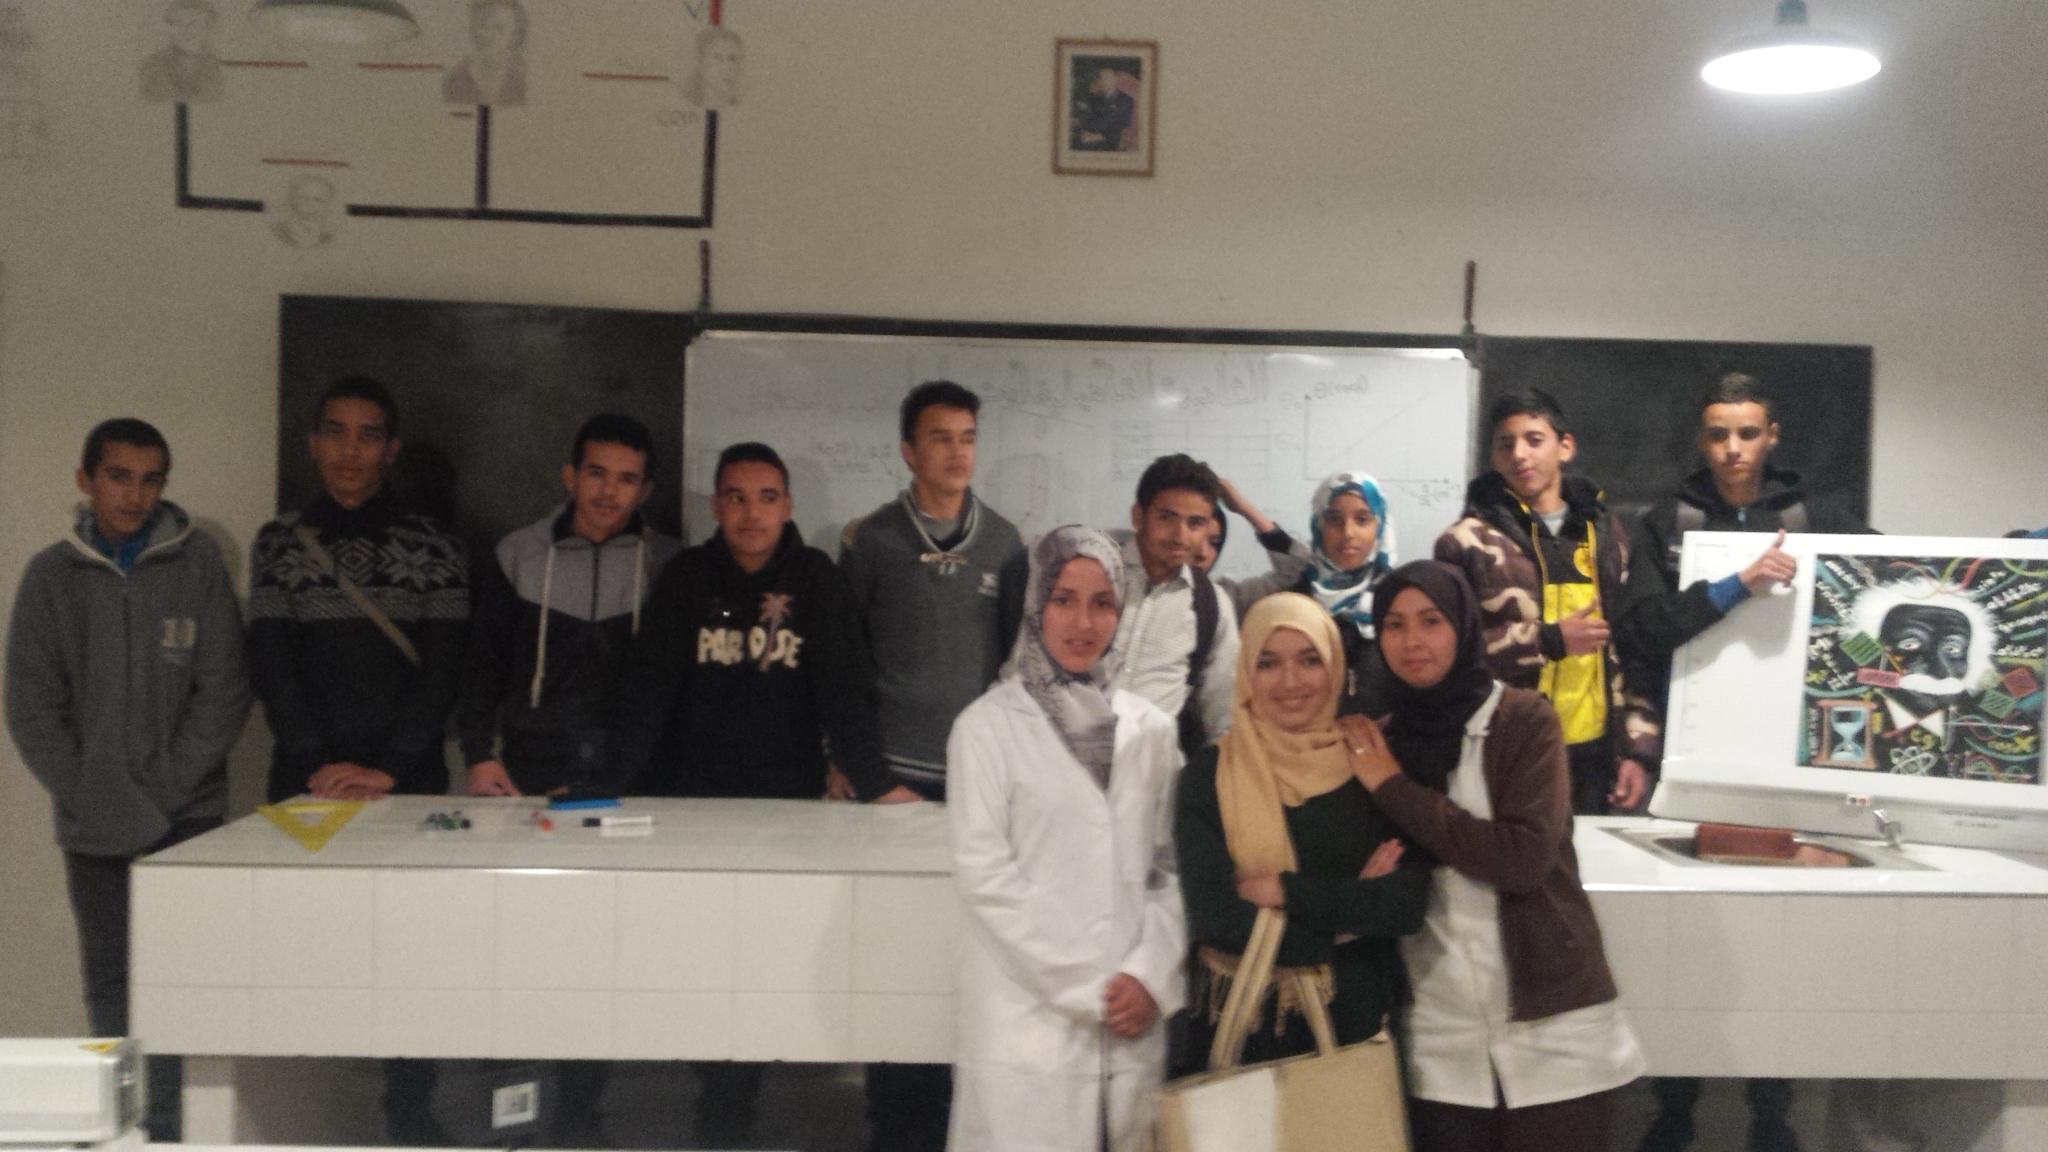 صورة جماعية لتلاميذ الثانوية التاهيلية ايت  باها المشاركين قي مشروع الفيزياء للجميع  chtoukaphysique